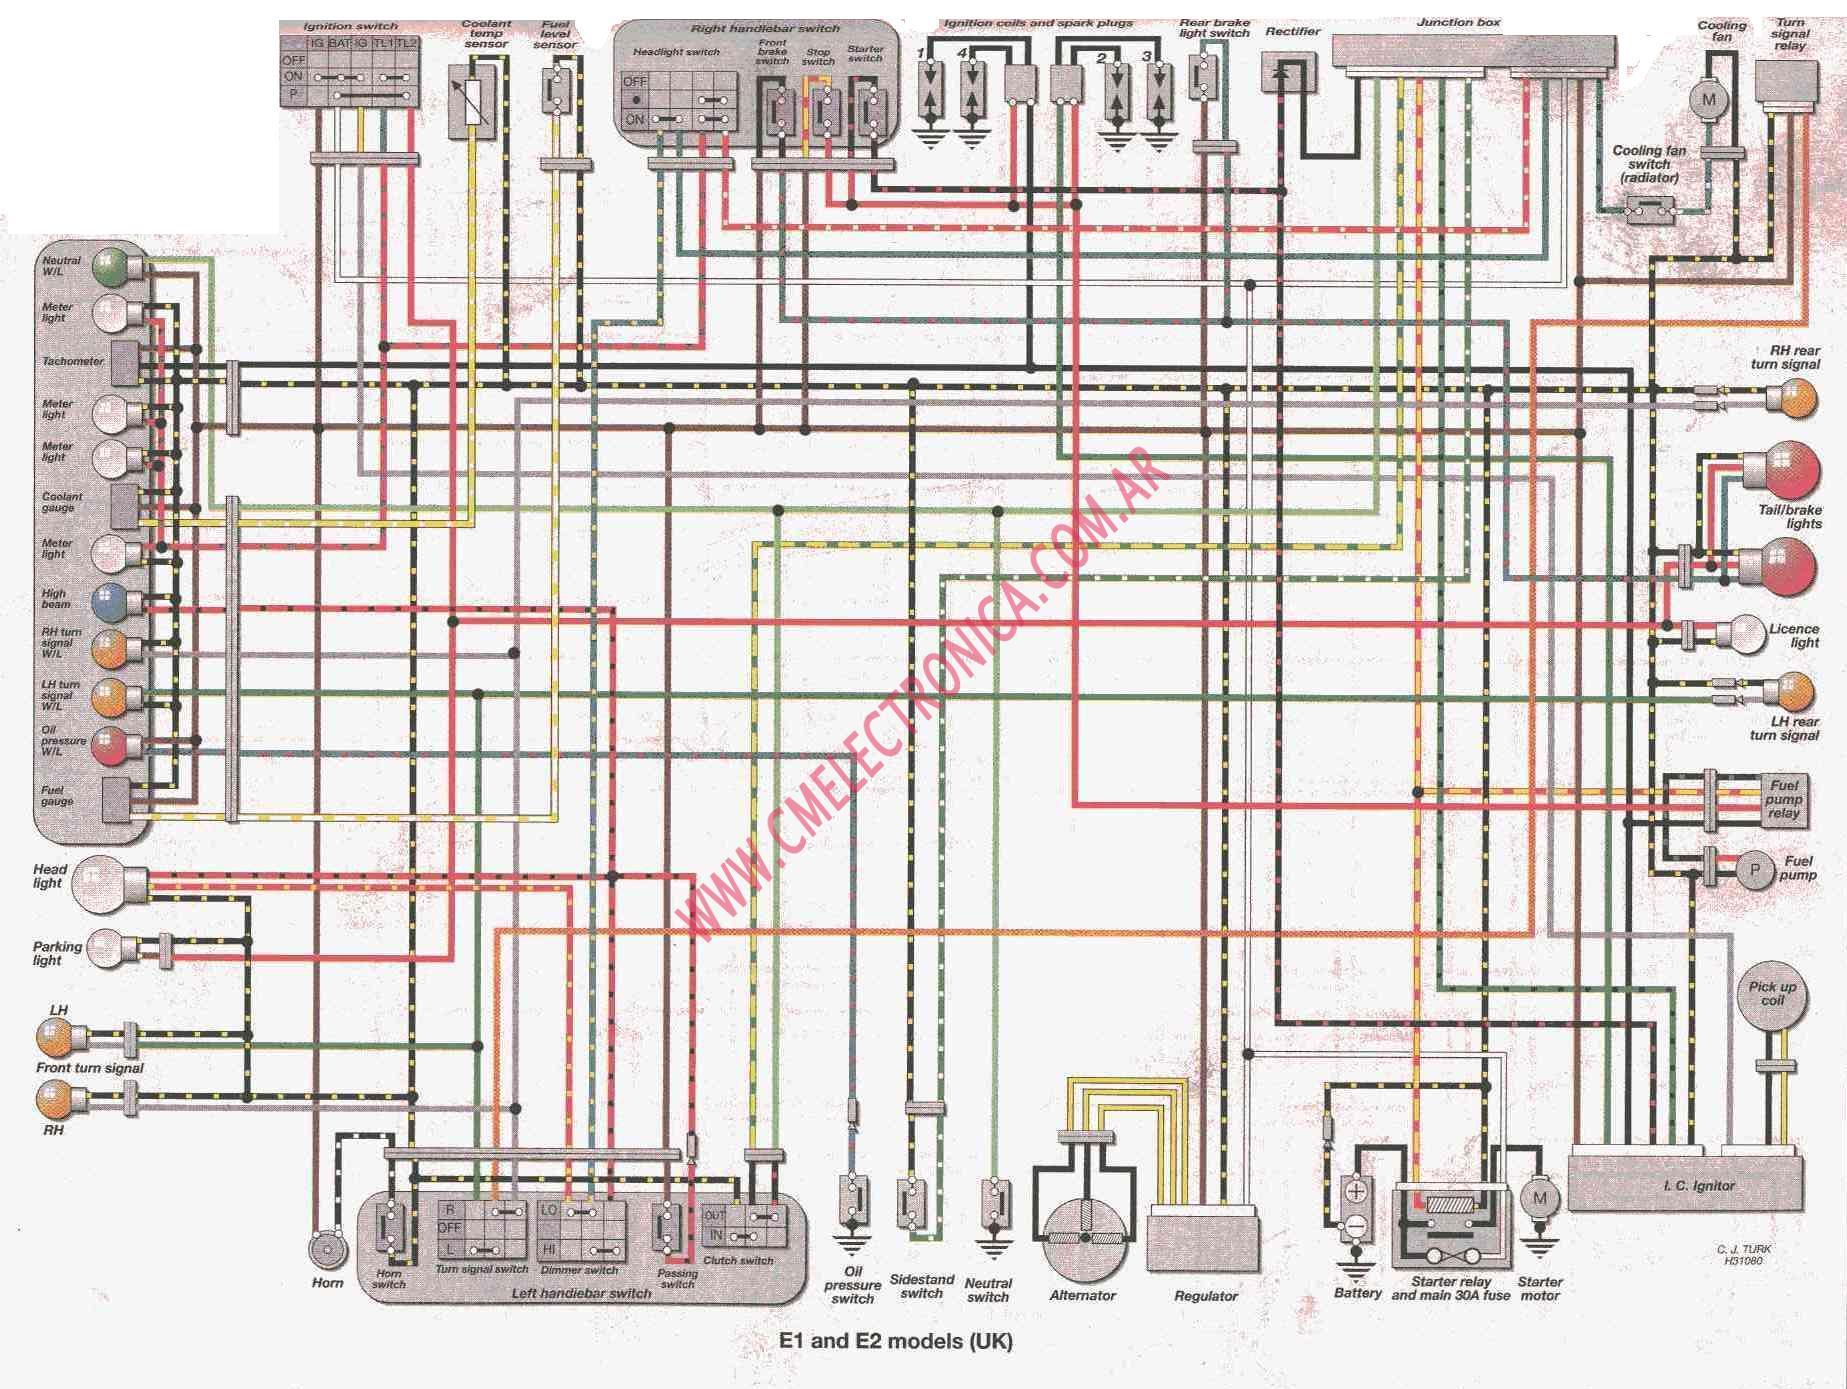 2005 suzuki gsxr 600 wiring diagram eb 5952  hayabusa 1300 wiring diagram furthermore 2005 suzuki gsxr  eb 5952  hayabusa 1300 wiring diagram